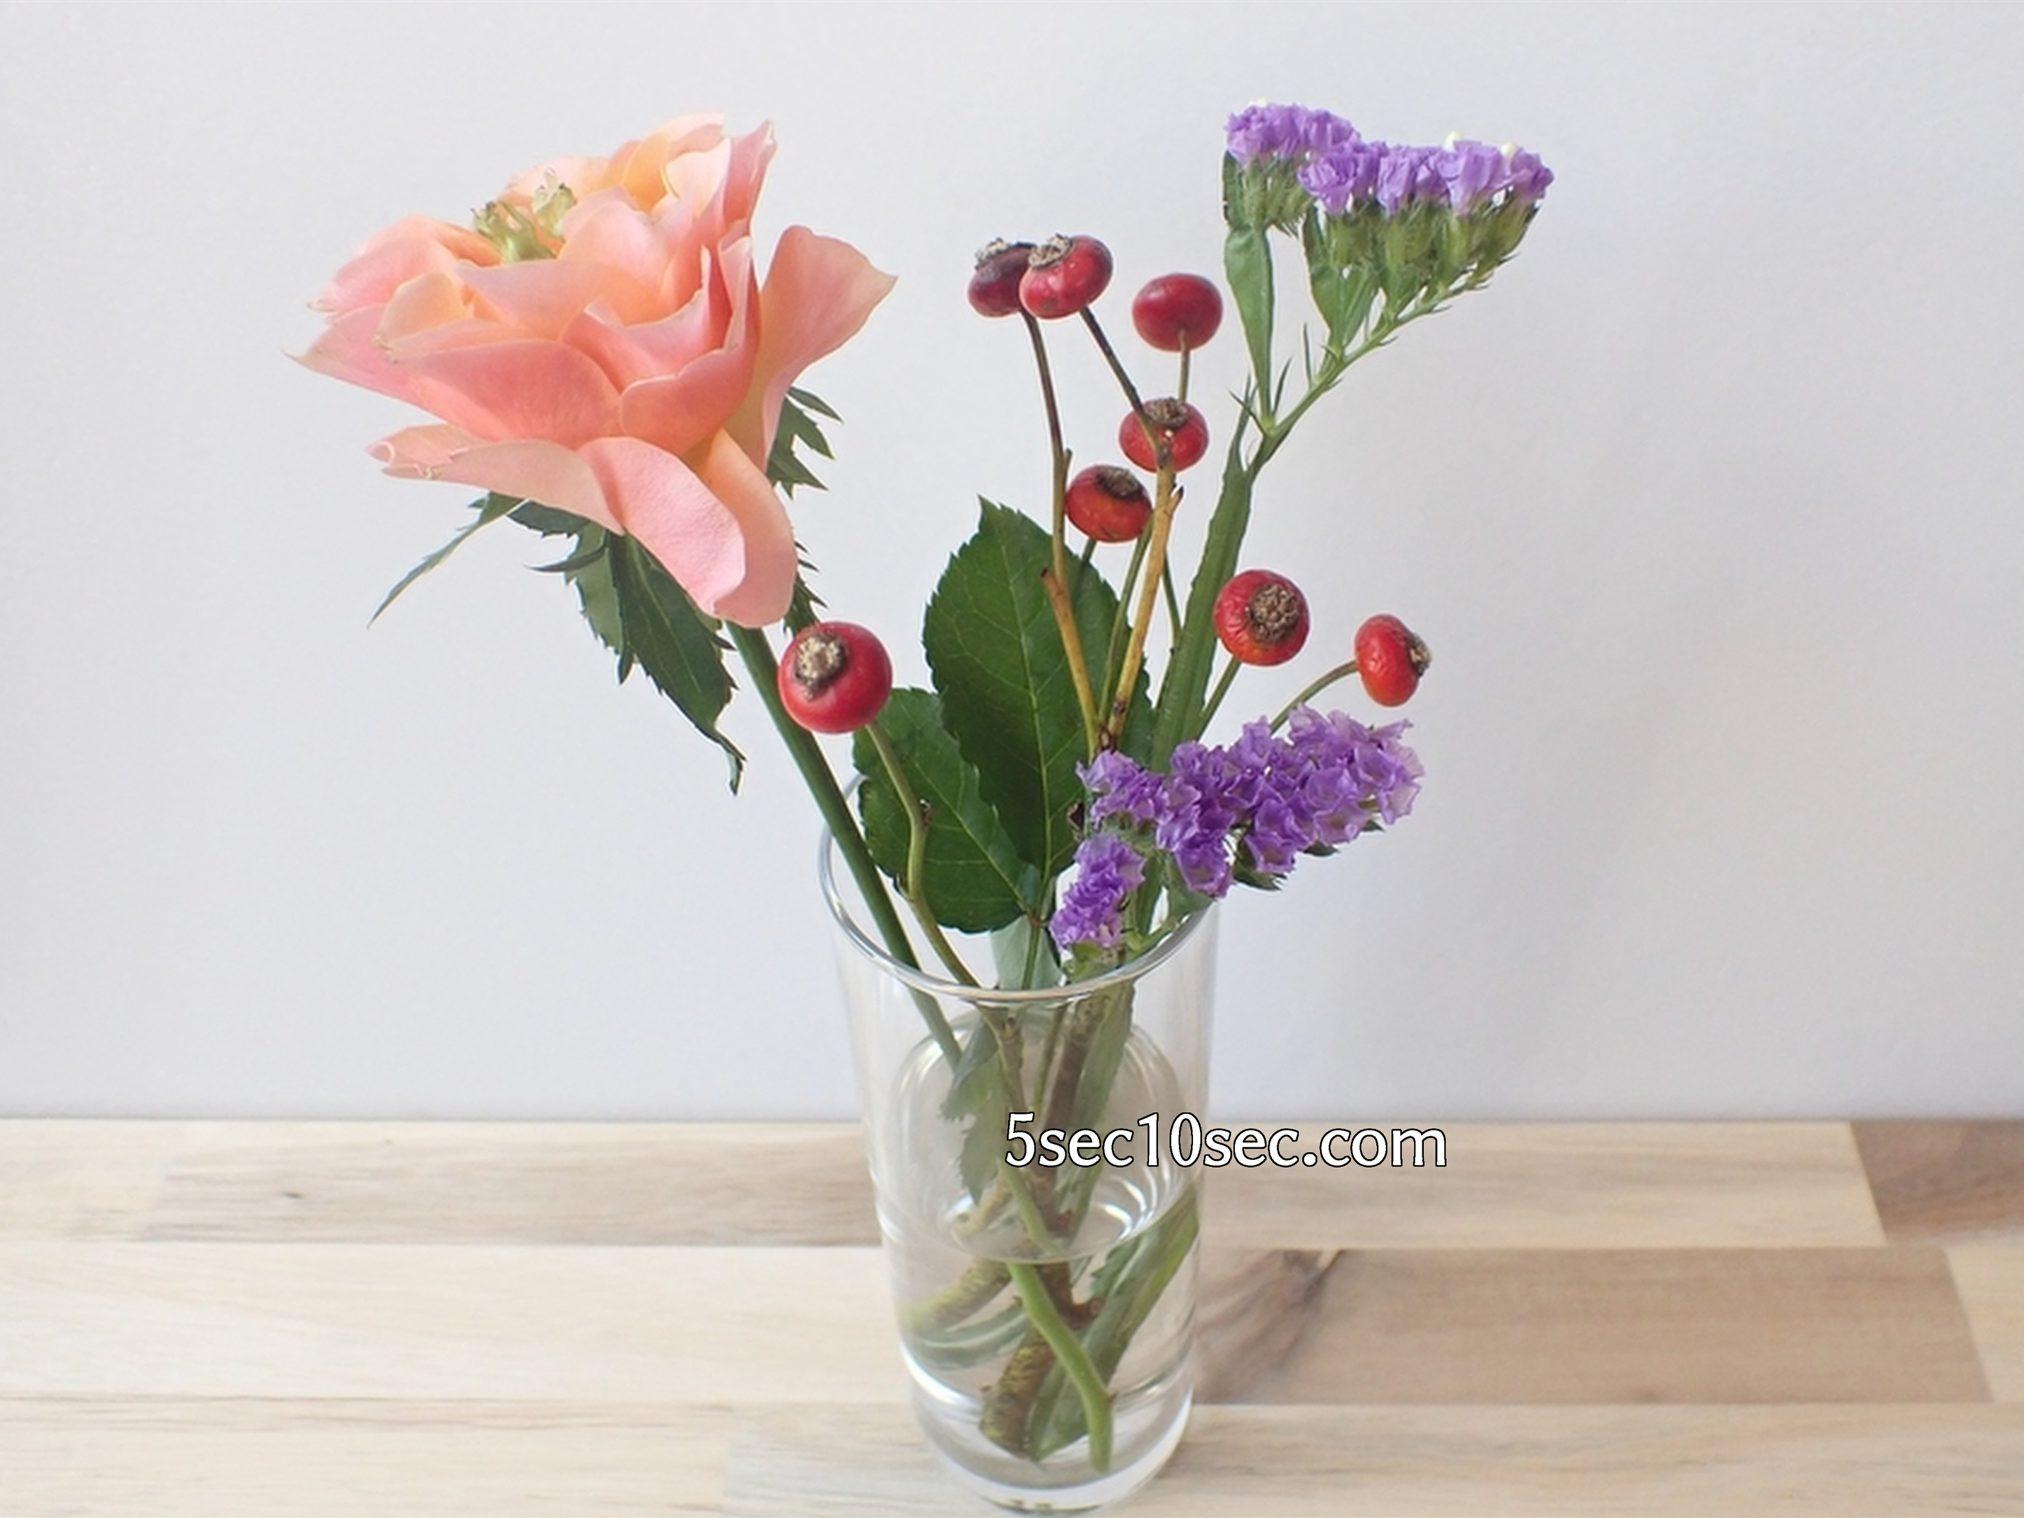 株式会社Crunch Style お花の定期便 Bloomee LIFE ブルーミーライフ 500円(税別・送料別)の体験プラン 3種類でも華やかです